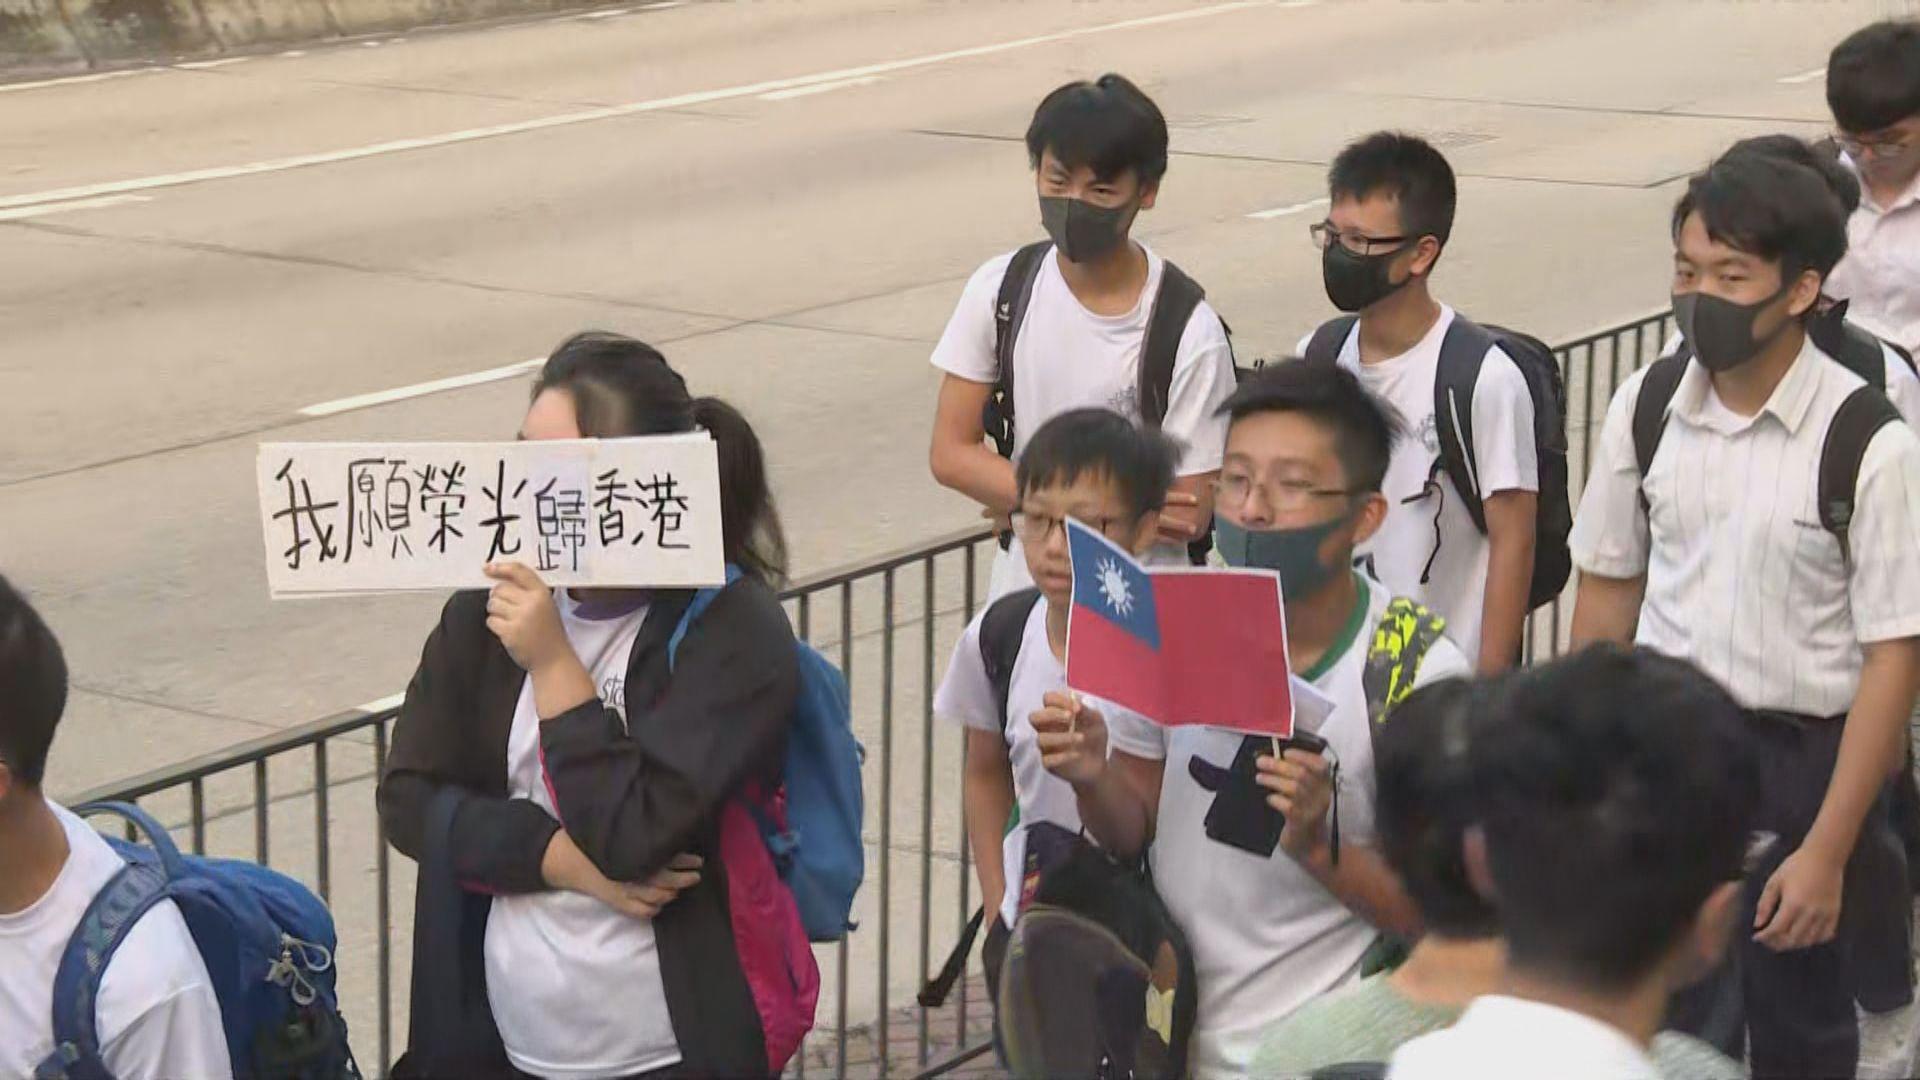 飛鵝山近百名學生發起流水式步行上學